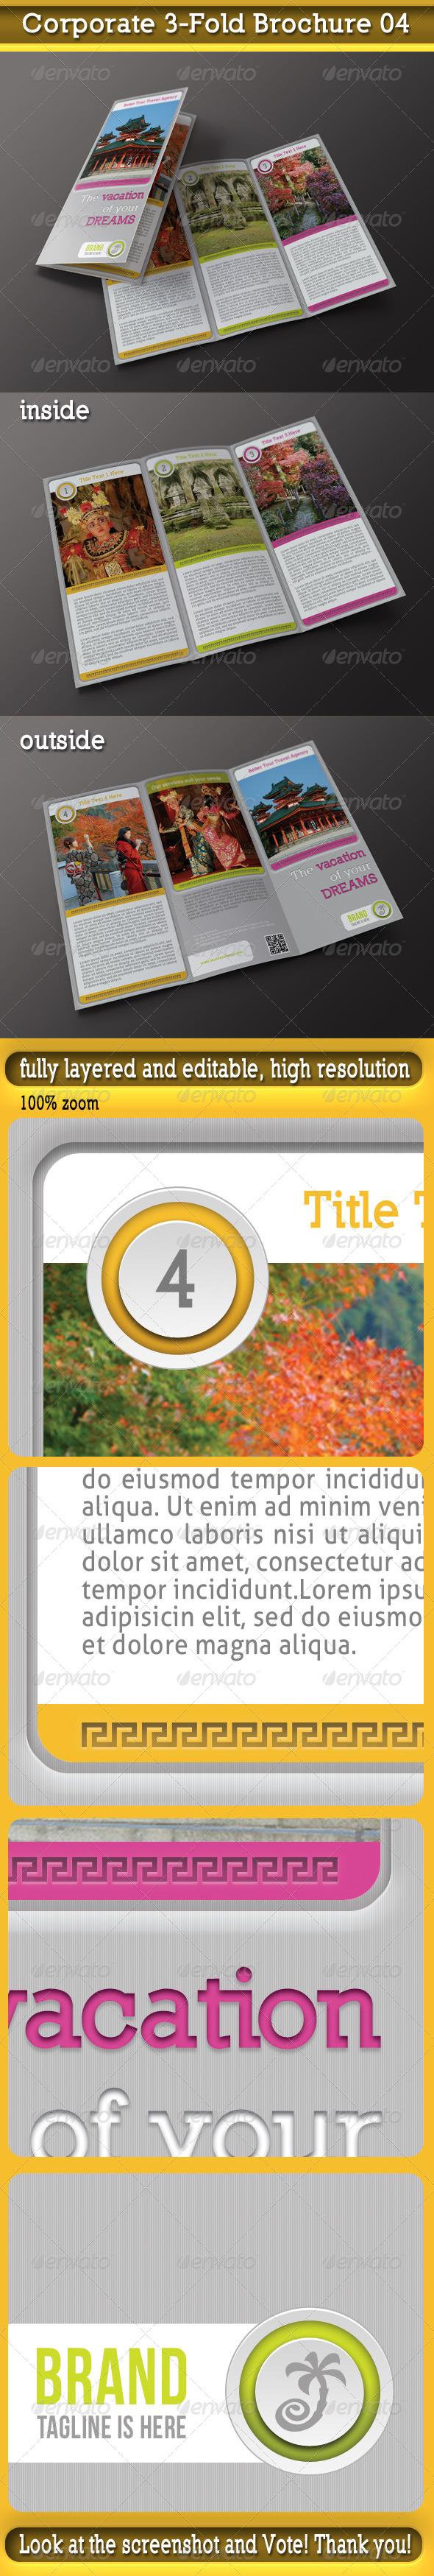 GraphicRiver Corporate 3-Fold Brochure 04 4959851